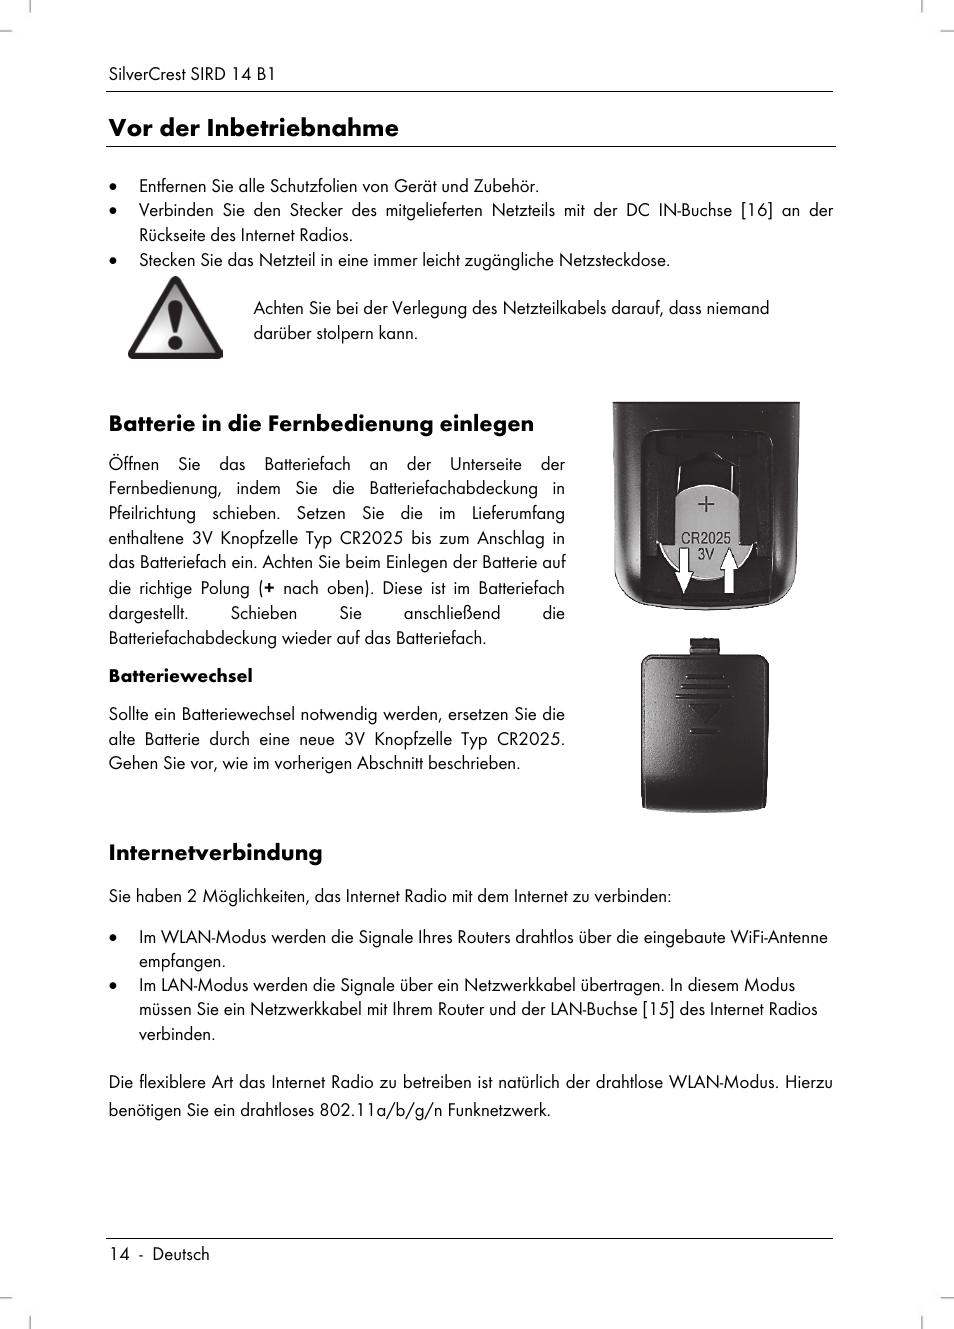 Vor der inbetriebnahme | Silvercrest SIRD 14 B1 User Manual | Page ...